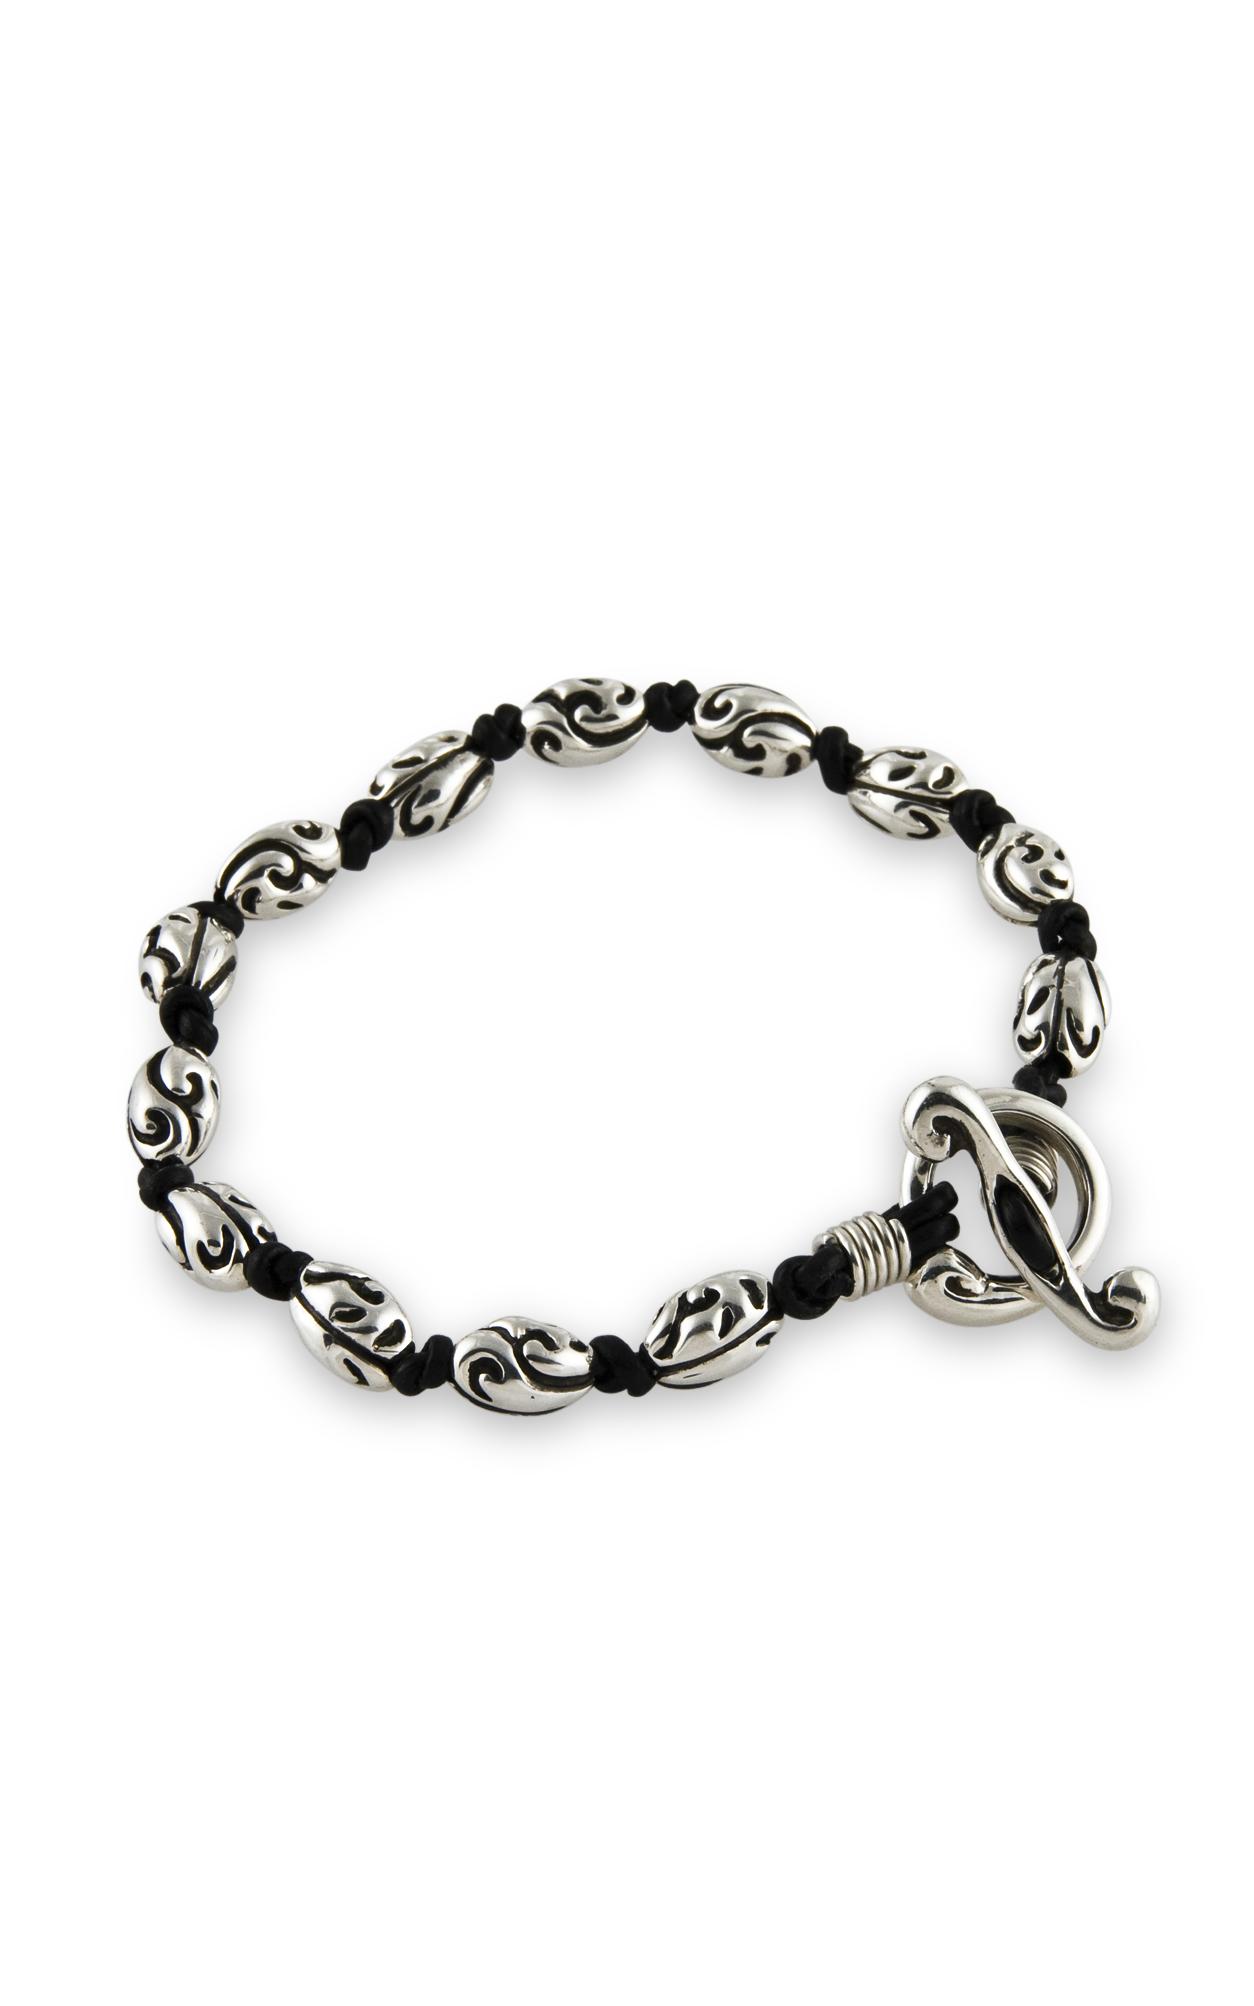 Zina Swirl Bracelet A1207-7 product image